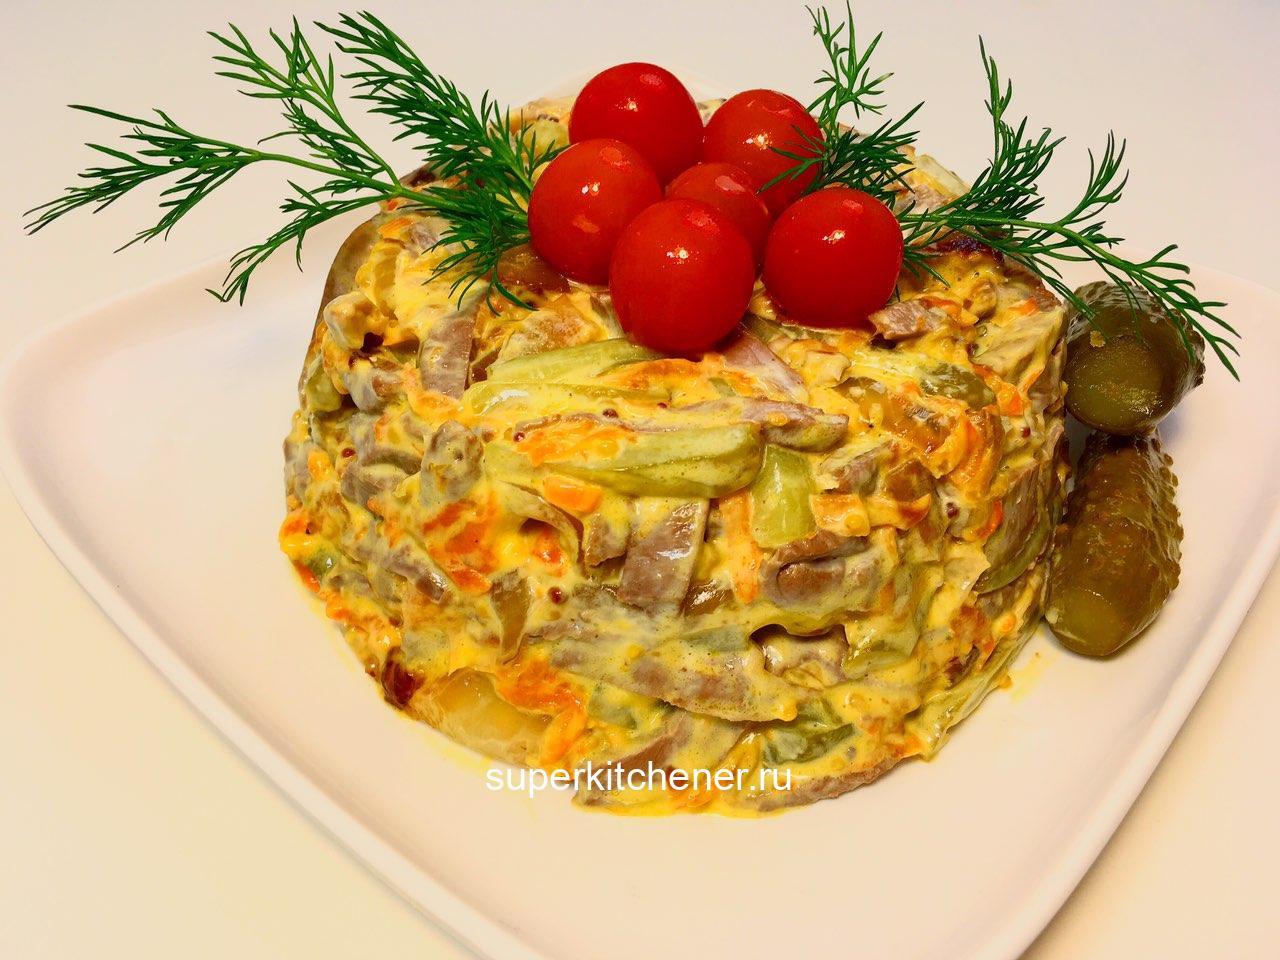 Из чего этот салатик? А вы приготовьте и узнаете